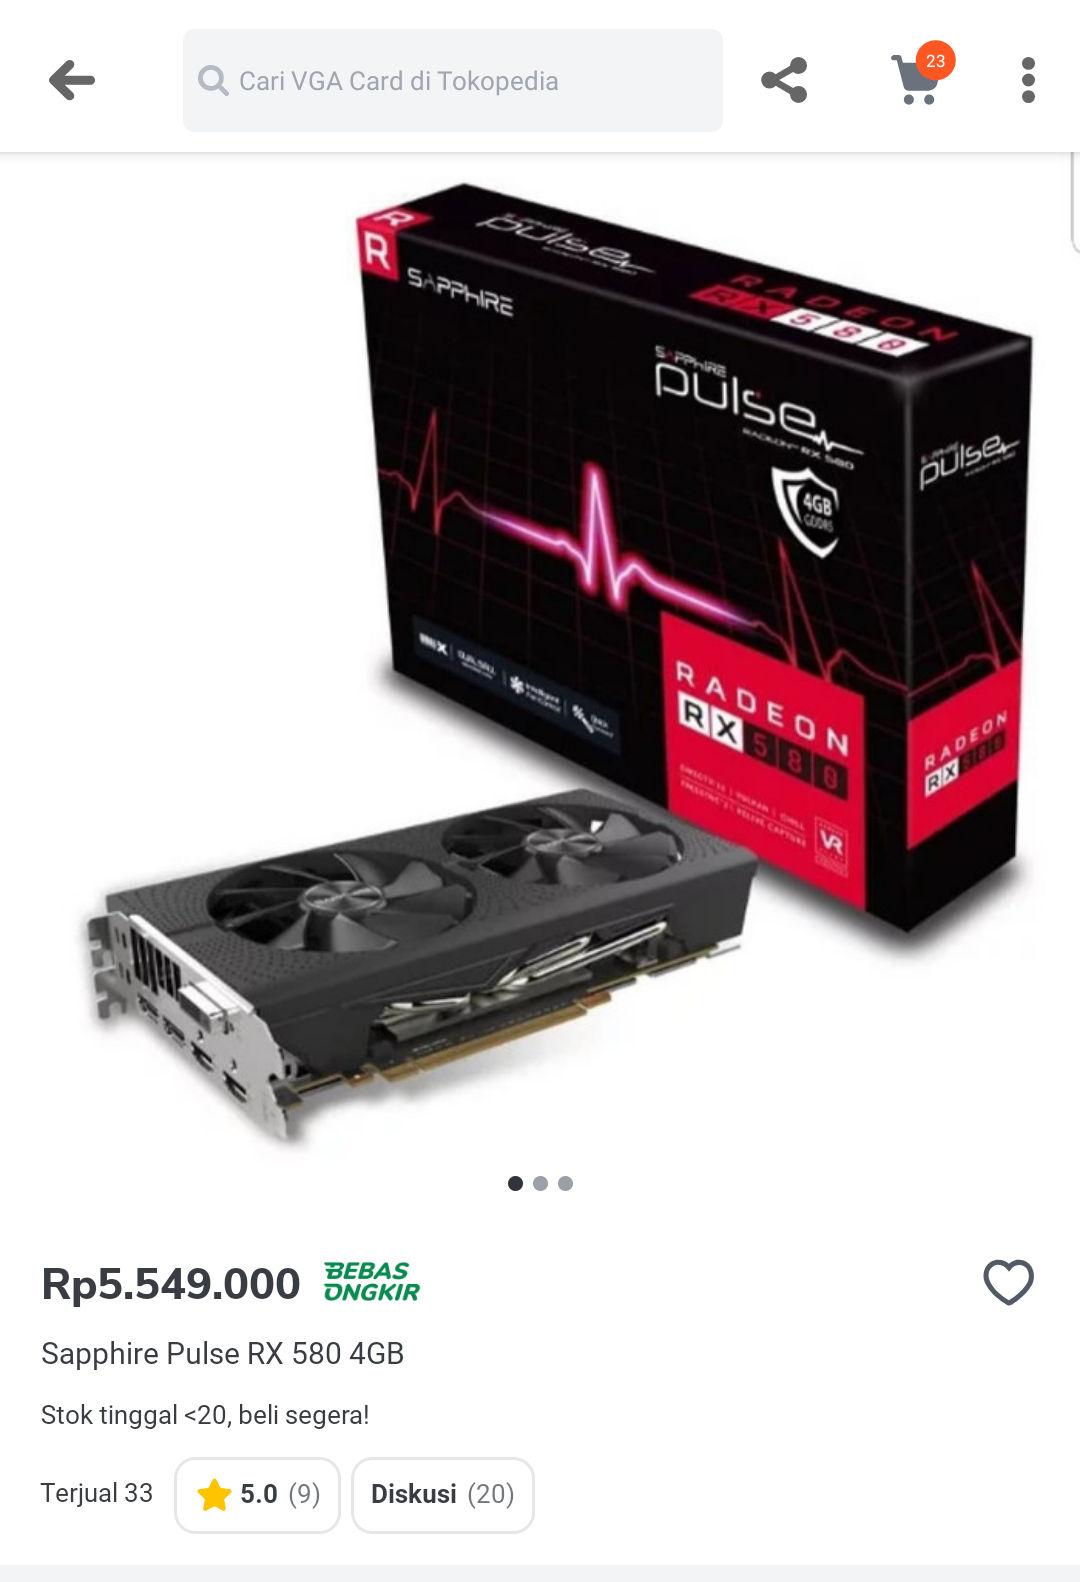 Amd-a Radeon RX 580